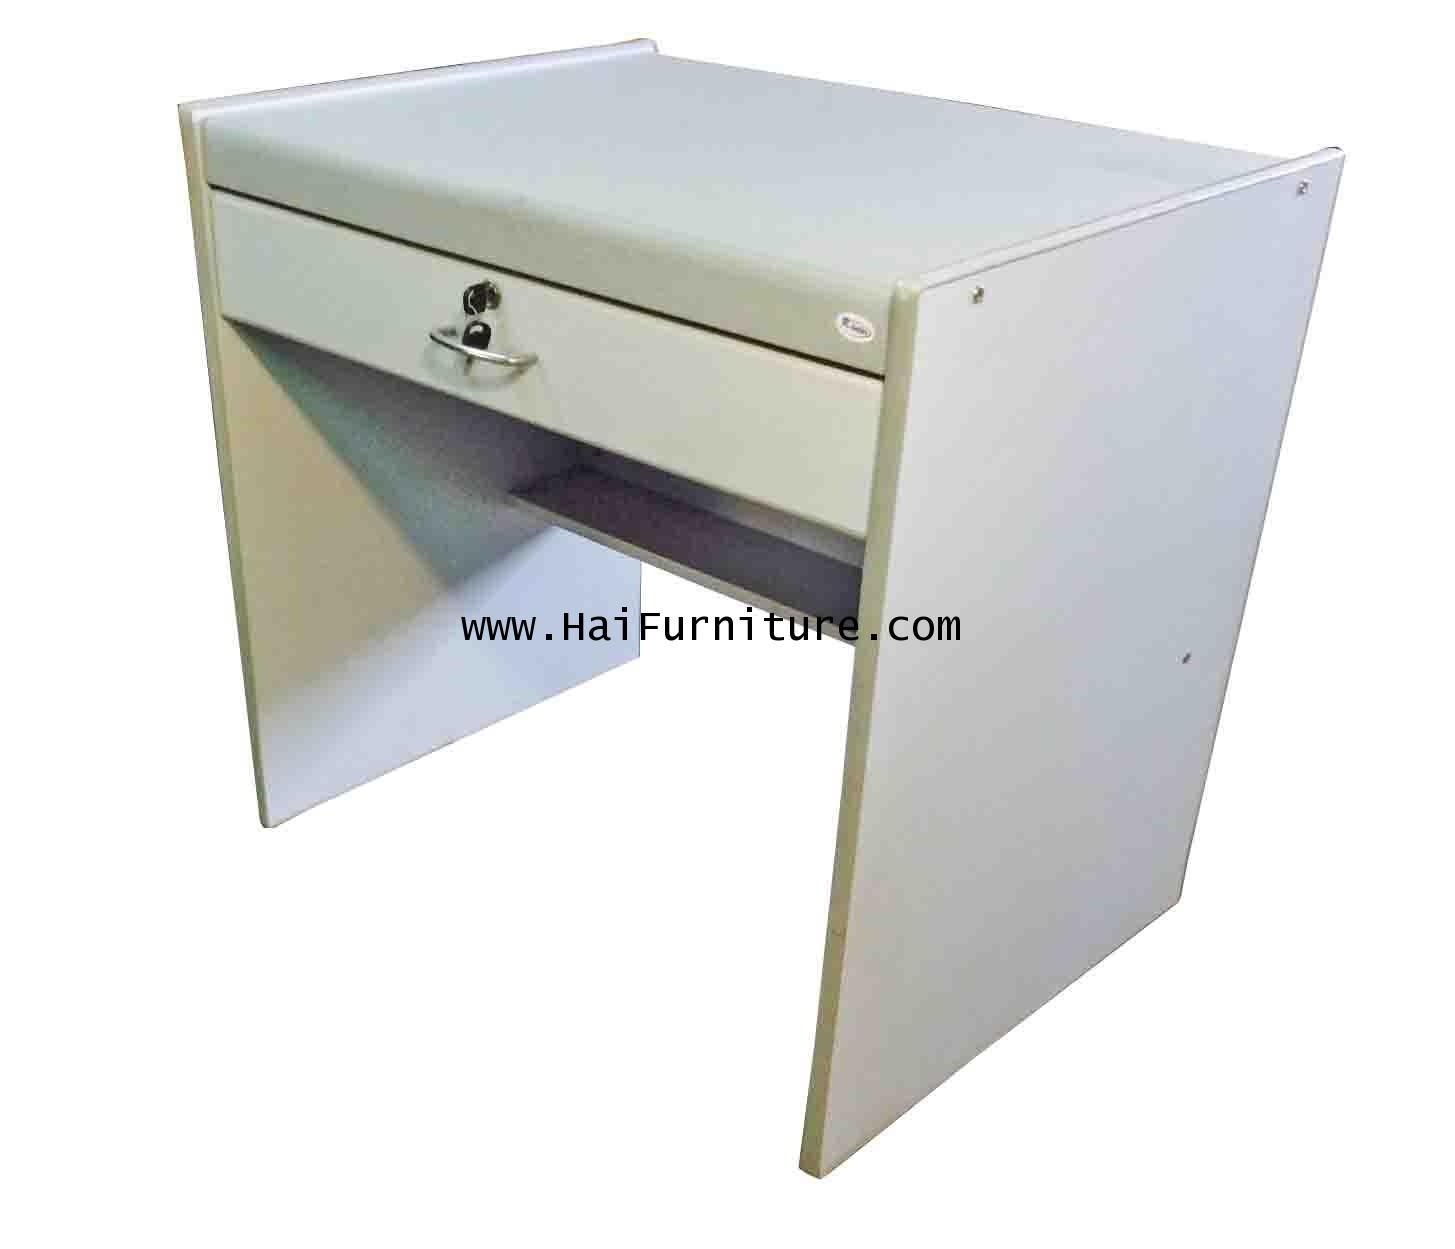 โต๊ะทำงาน 80 ซม. PVC สีทรายเทา